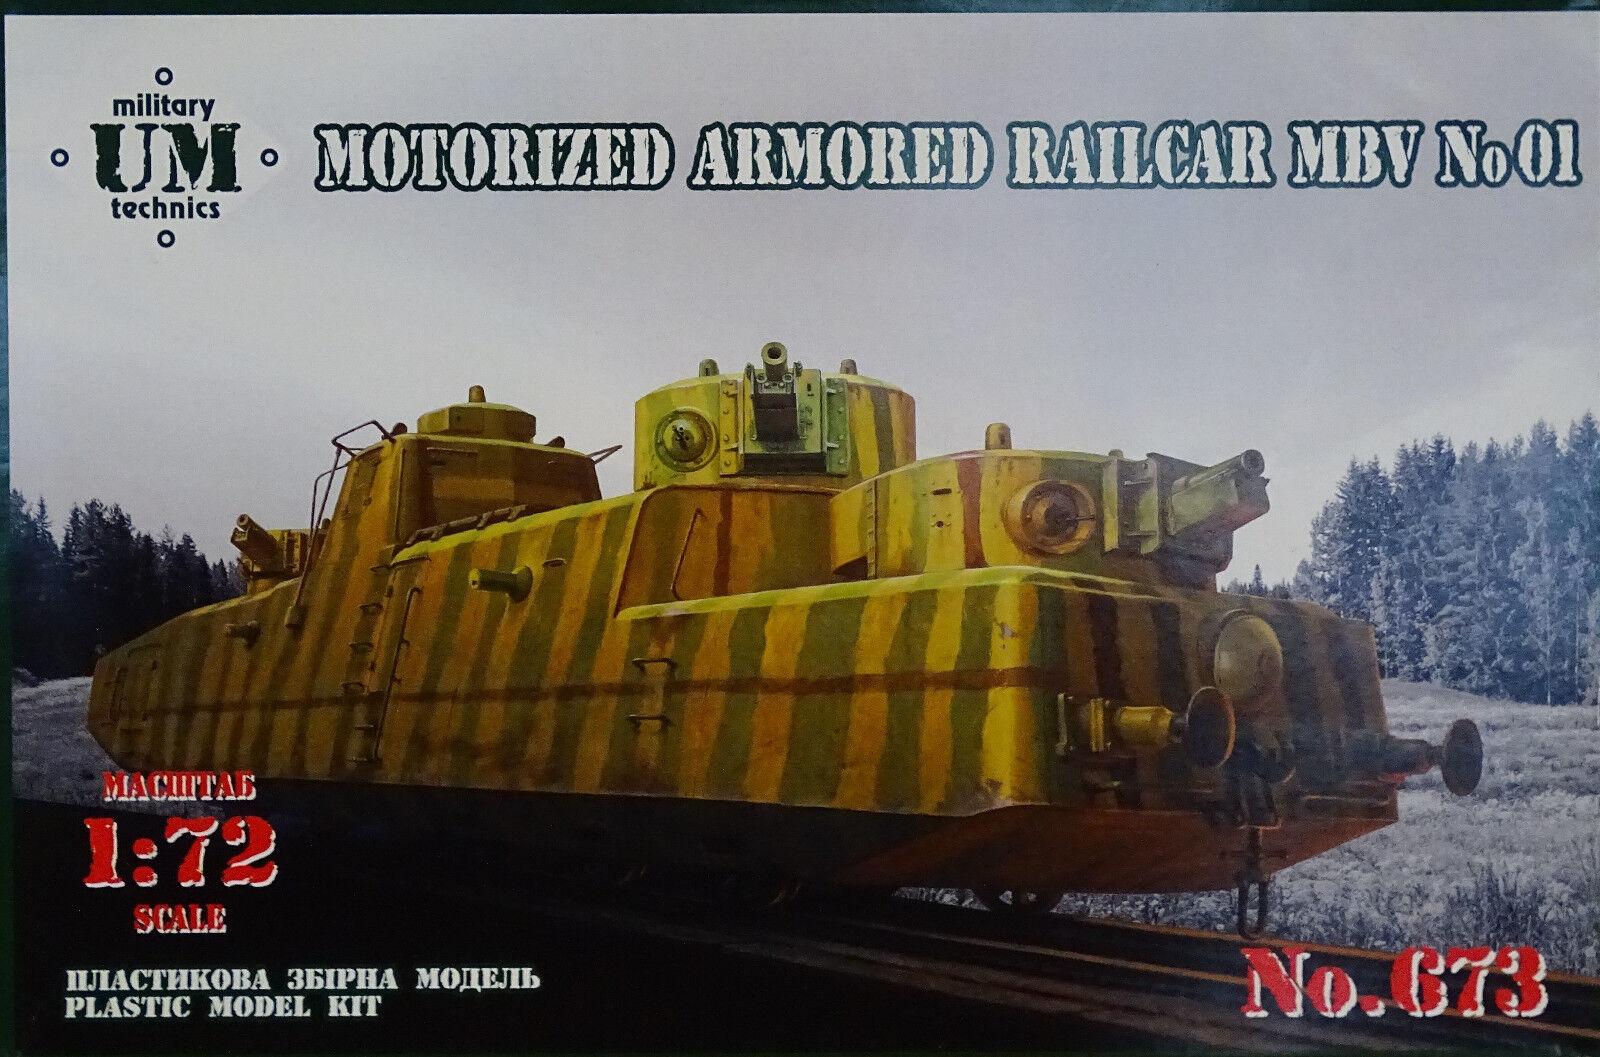 UM UNIMODELS  673 Motorized ArmGoldt Railcar MBV No.01 in 1 72